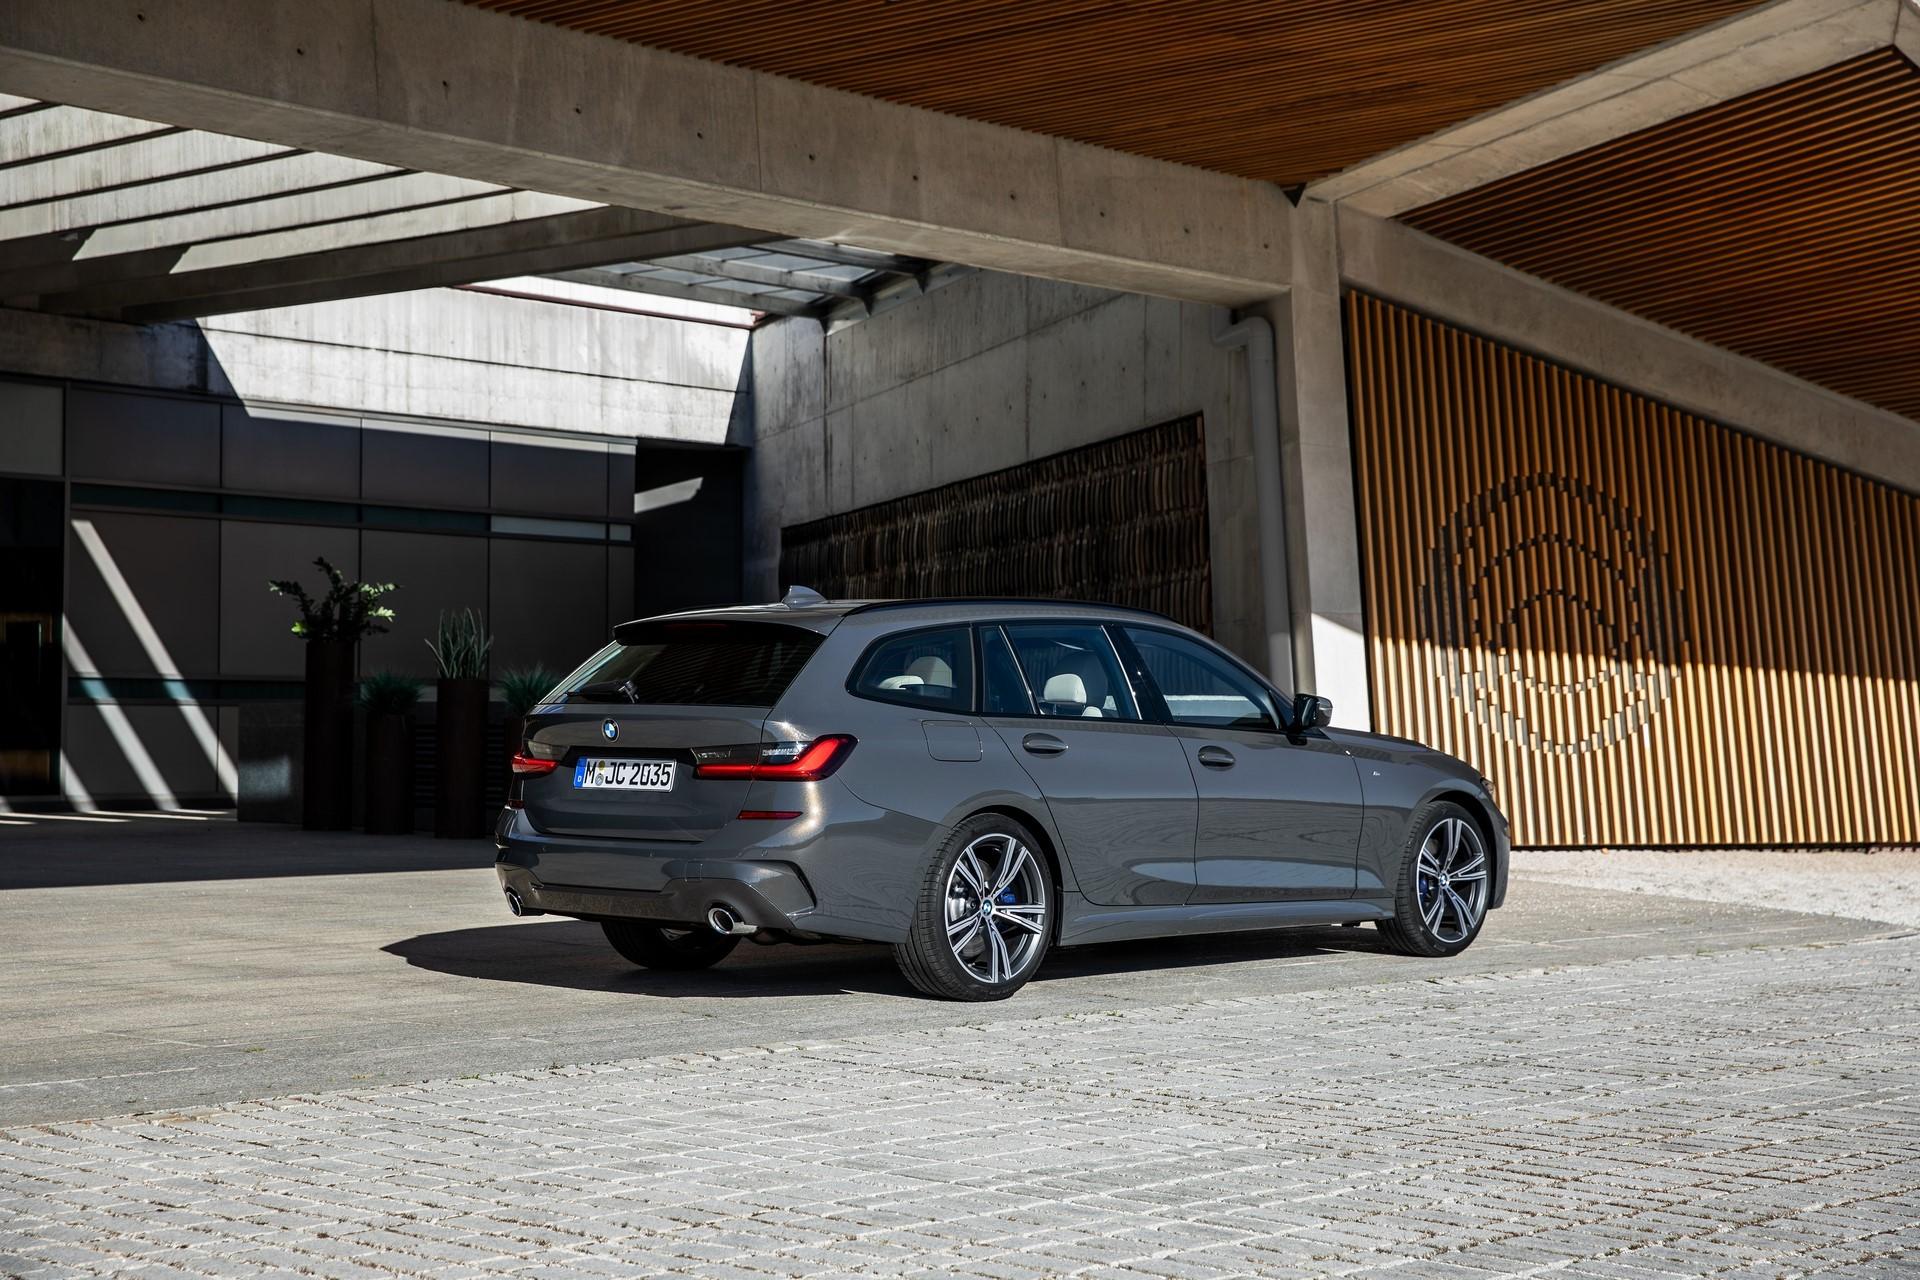 BMW-3-Series-Touring-2019-73